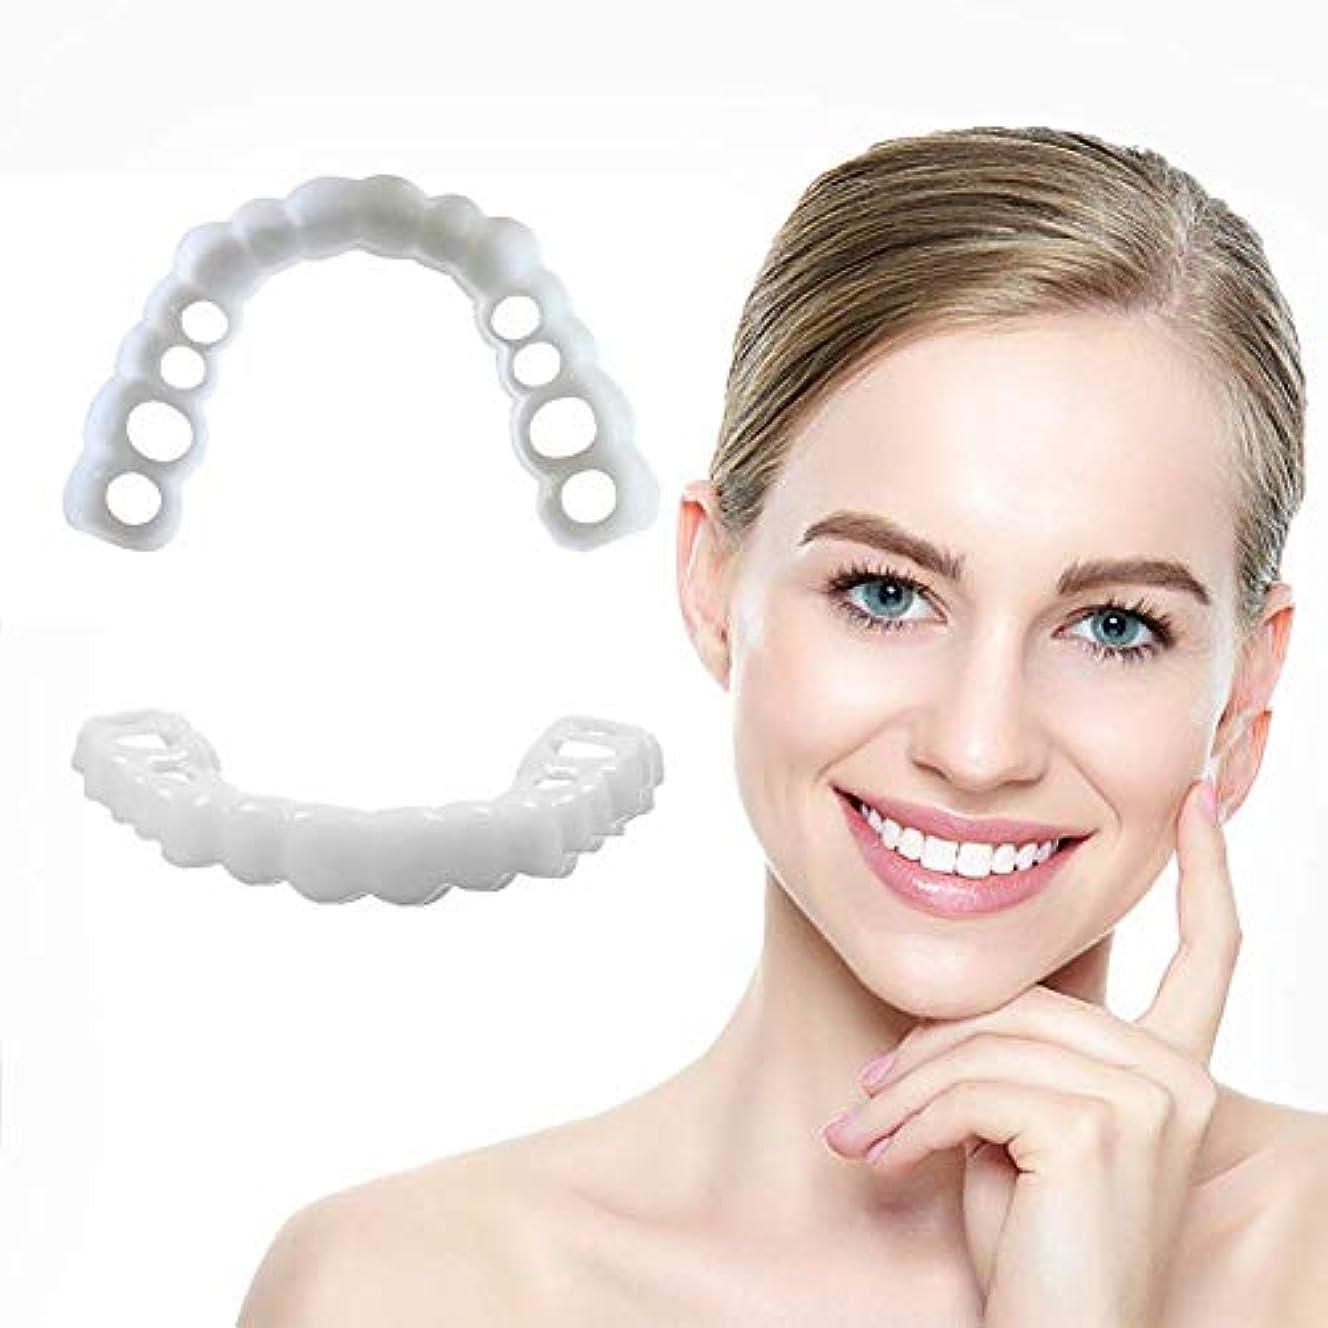 溶けるスマッシュを除くセットの第二世代のシリコーンのシミュレーションの歯科用義歯を白くする上下の歯の模擬装具,6pcs,Upperteeth